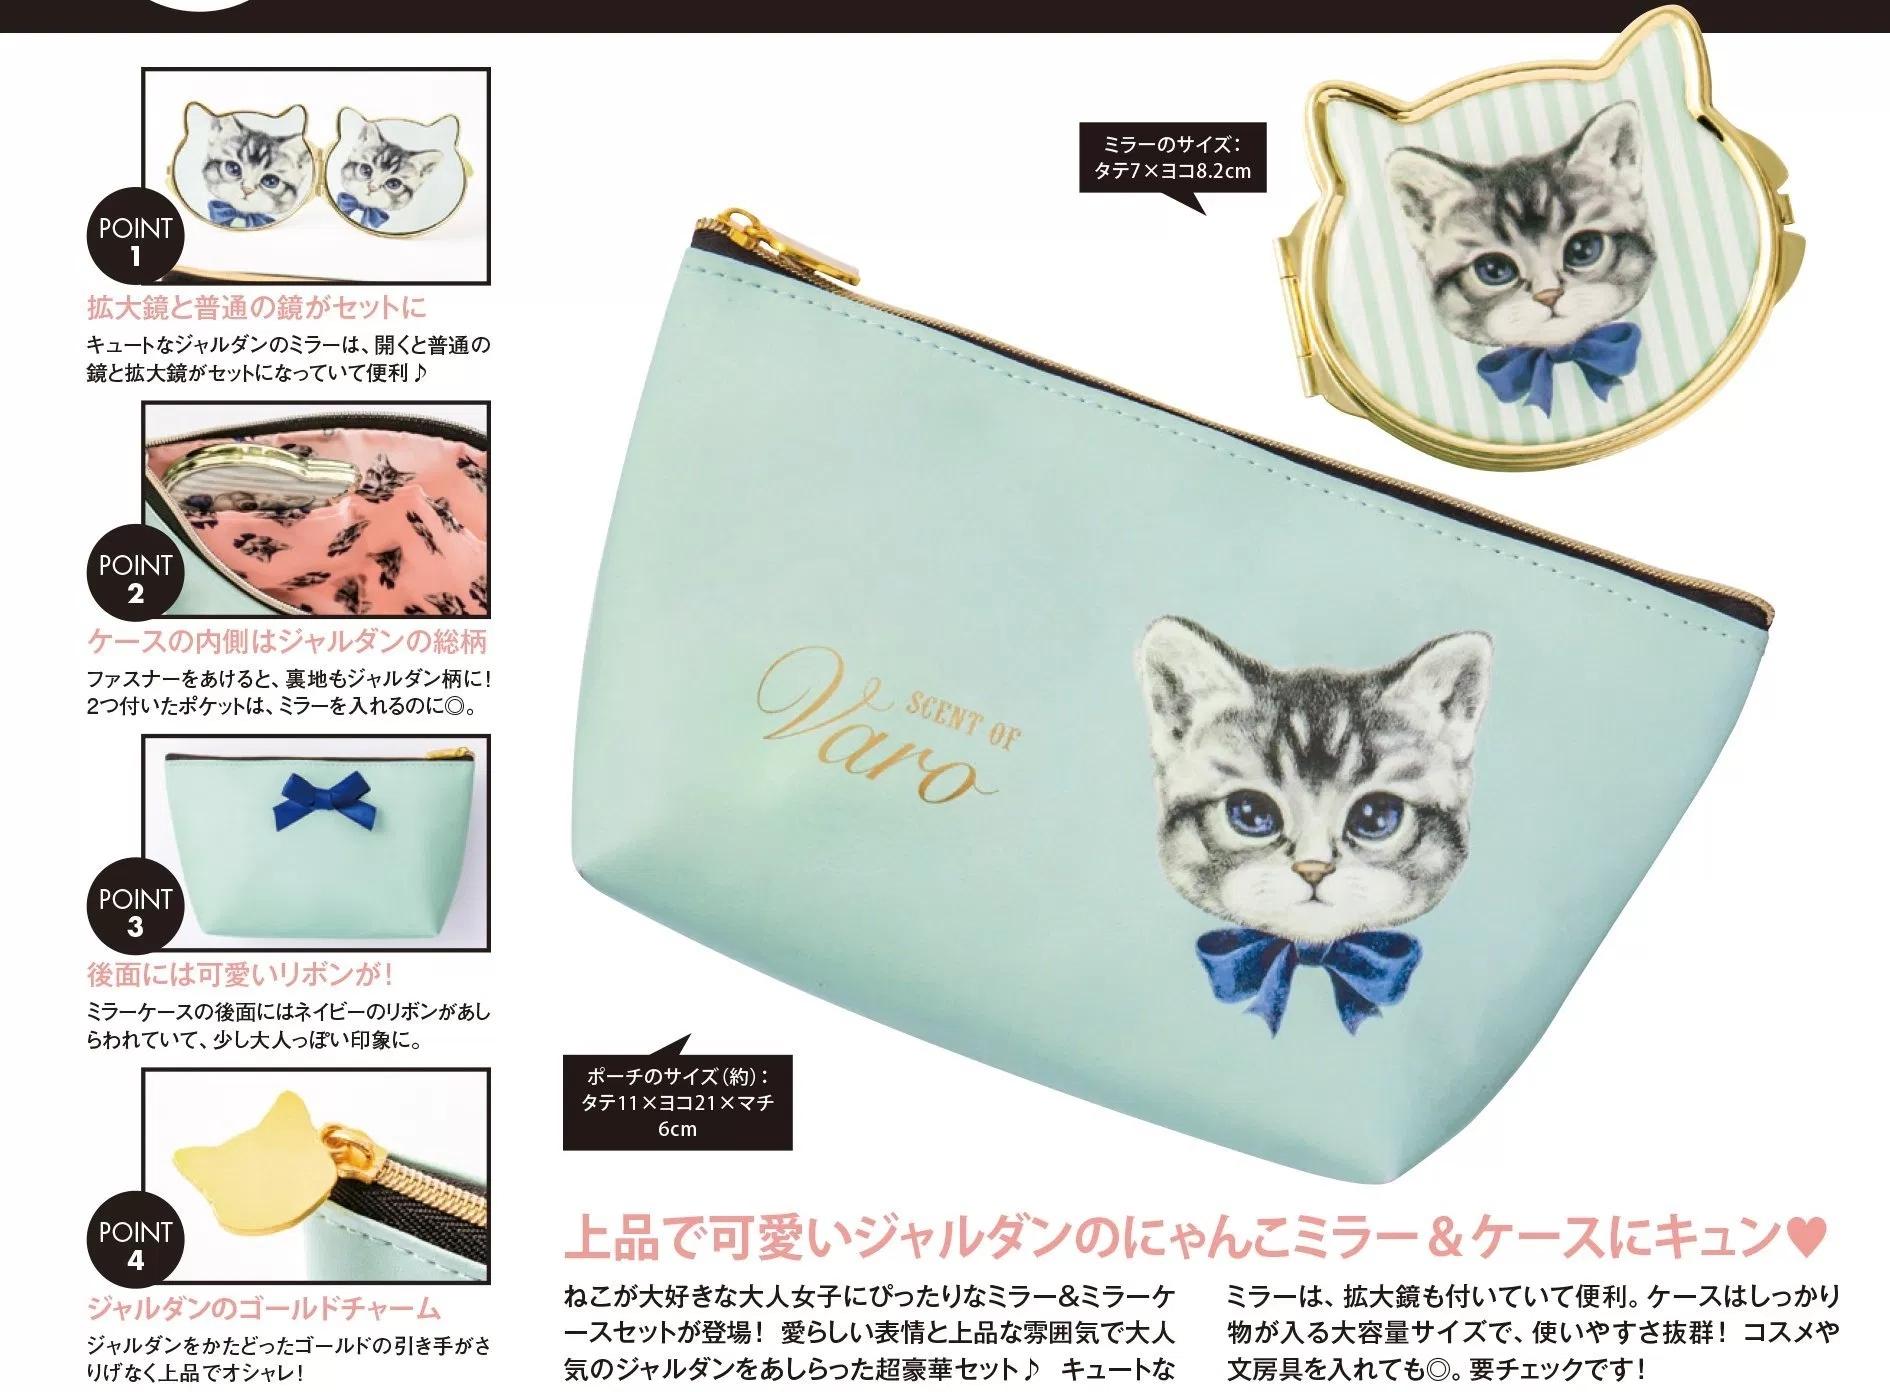 日本雜誌高品質可愛貓咪蝴蝶結化妝包大容量簡約淑女收納包小物包